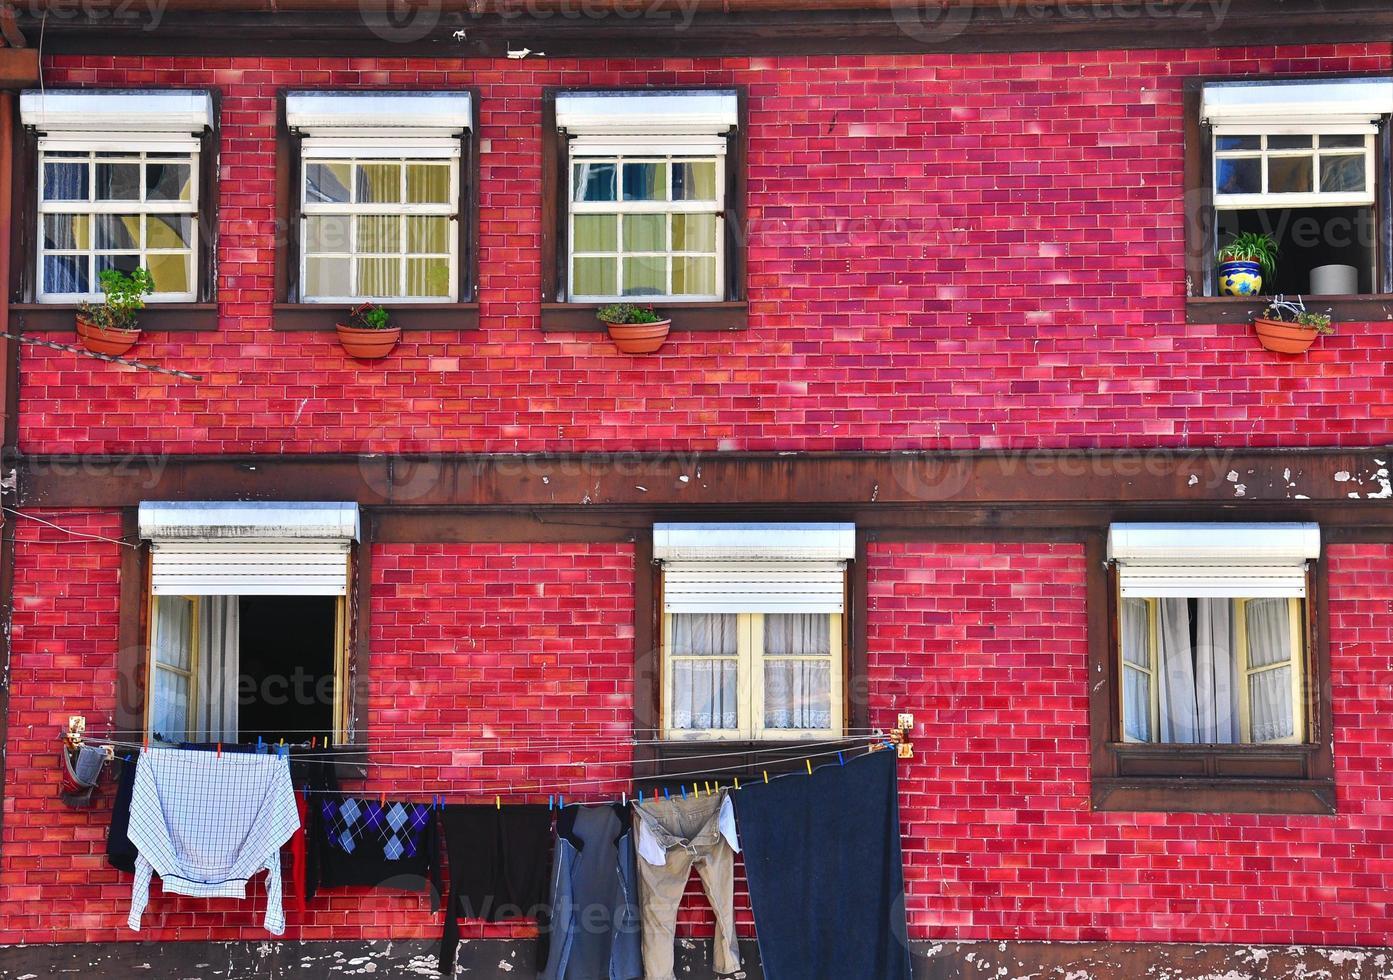 altes buntes Haus mit gefliesten Wänden foto